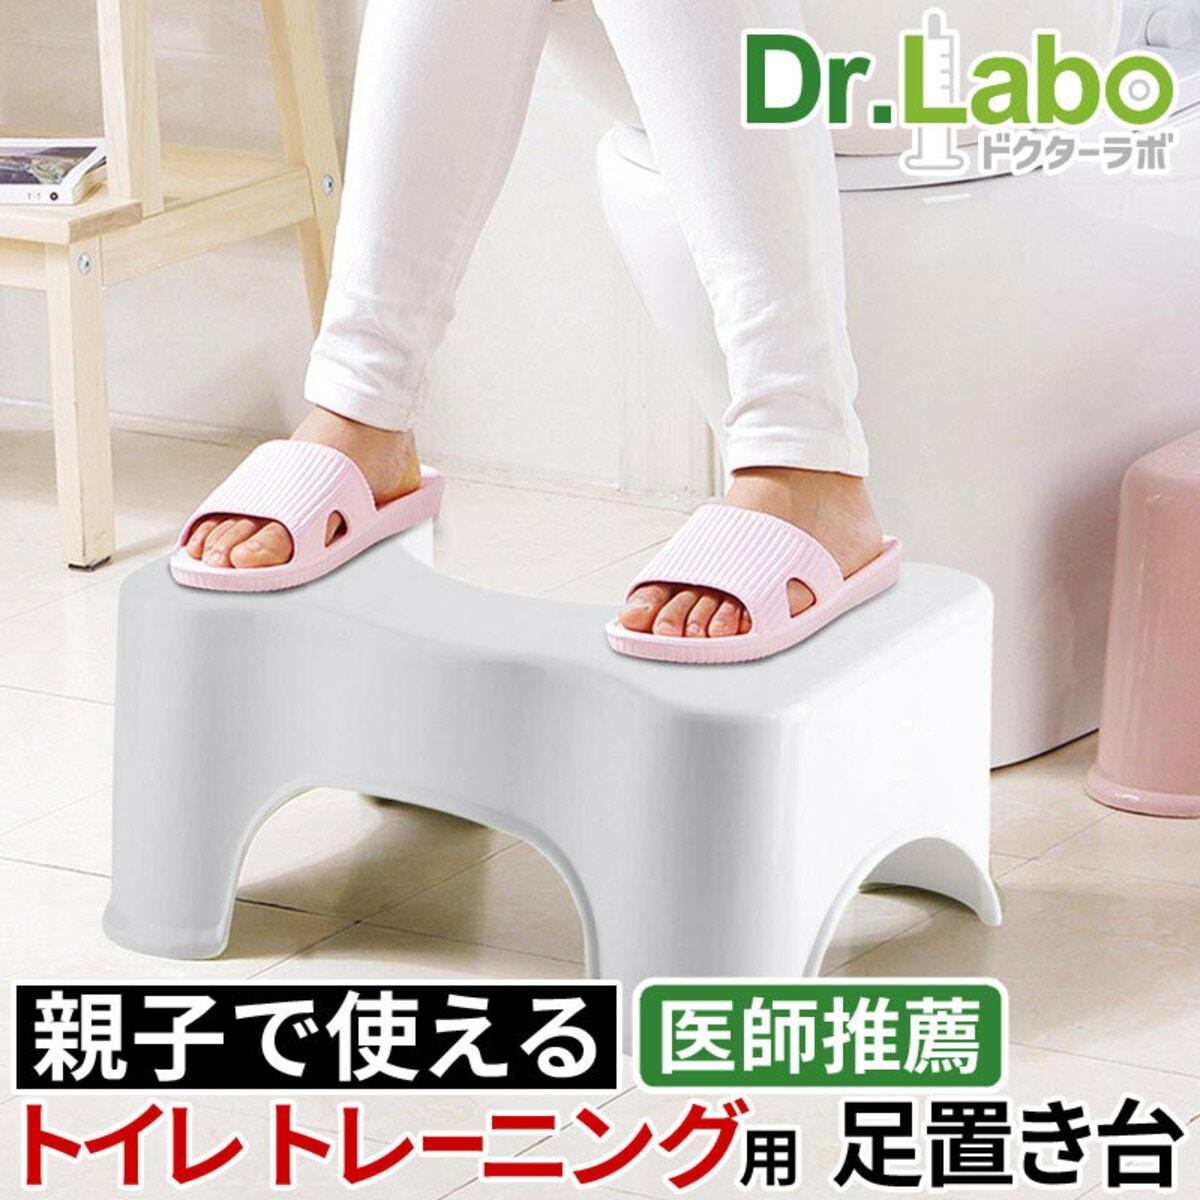 洋式トイレ用足置き台